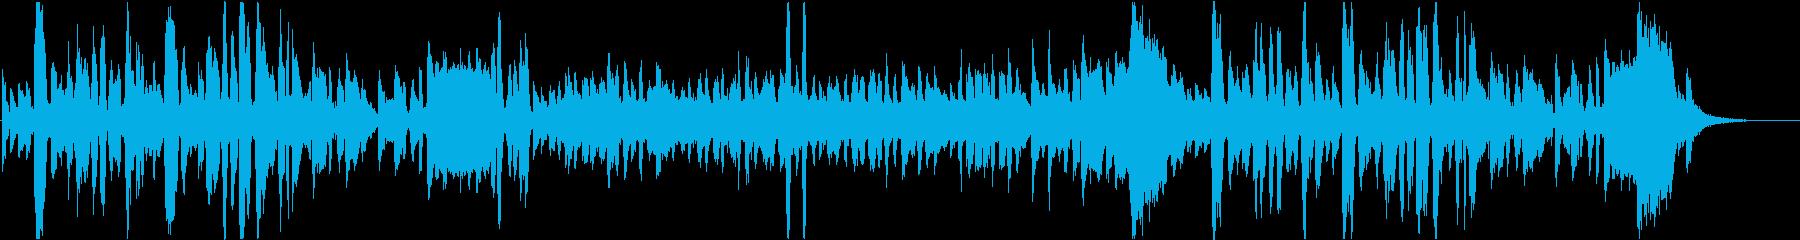 敬老の日をテーマにした楽曲の再生済みの波形